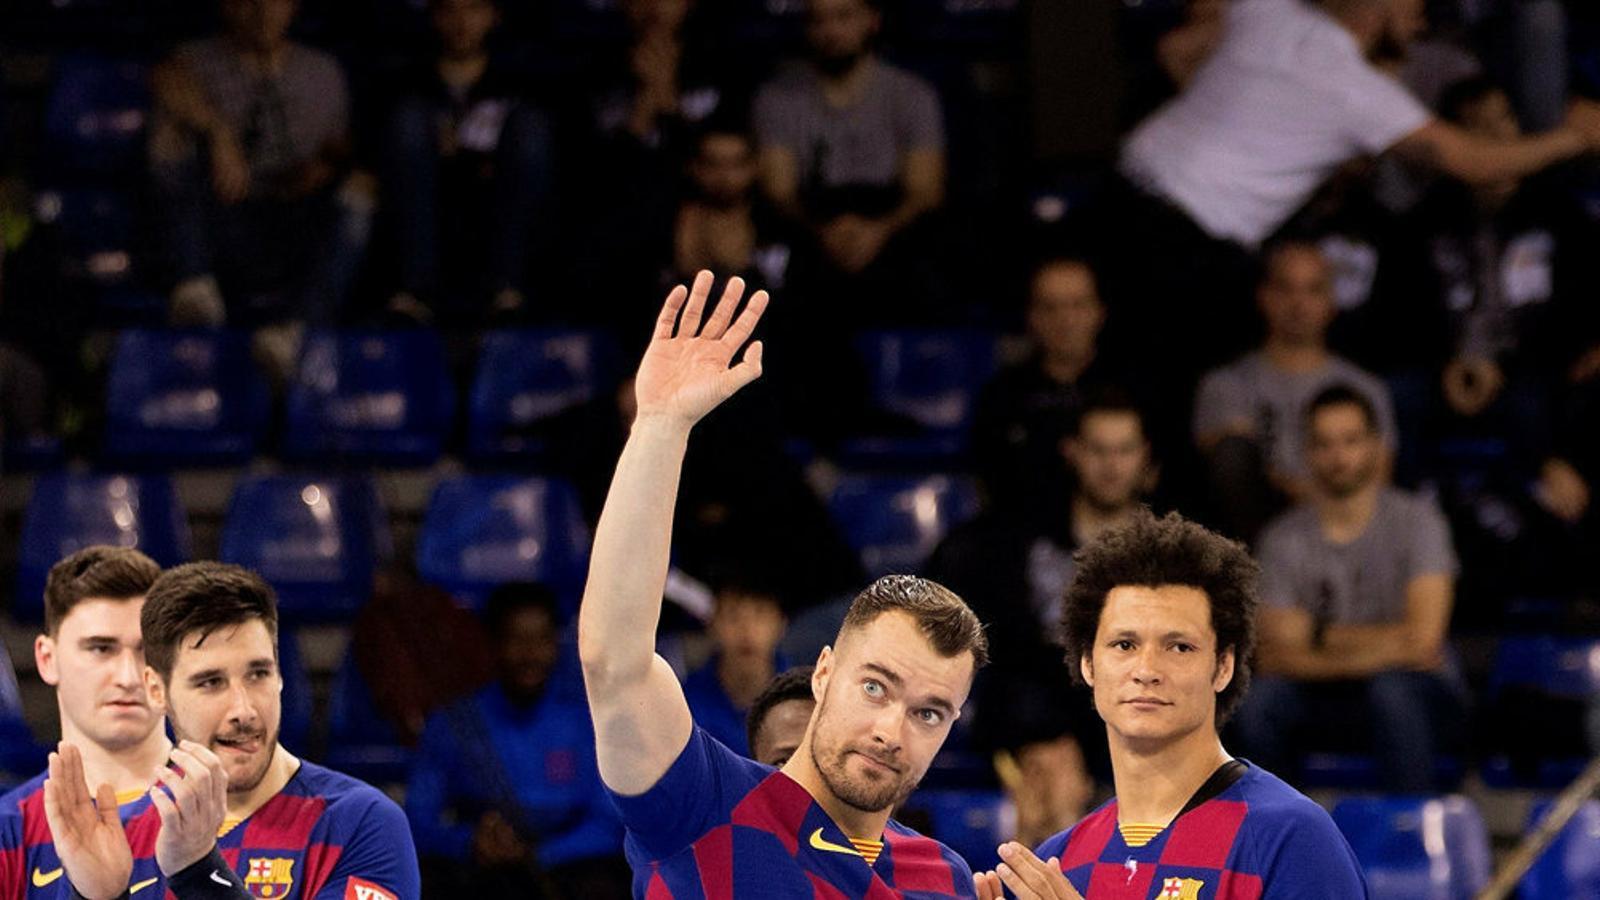 El jugador del Barça d'handbol Casper Mortensen durant la presentació dels equips en el partit de Lliga de Campions contra el Zagreb.